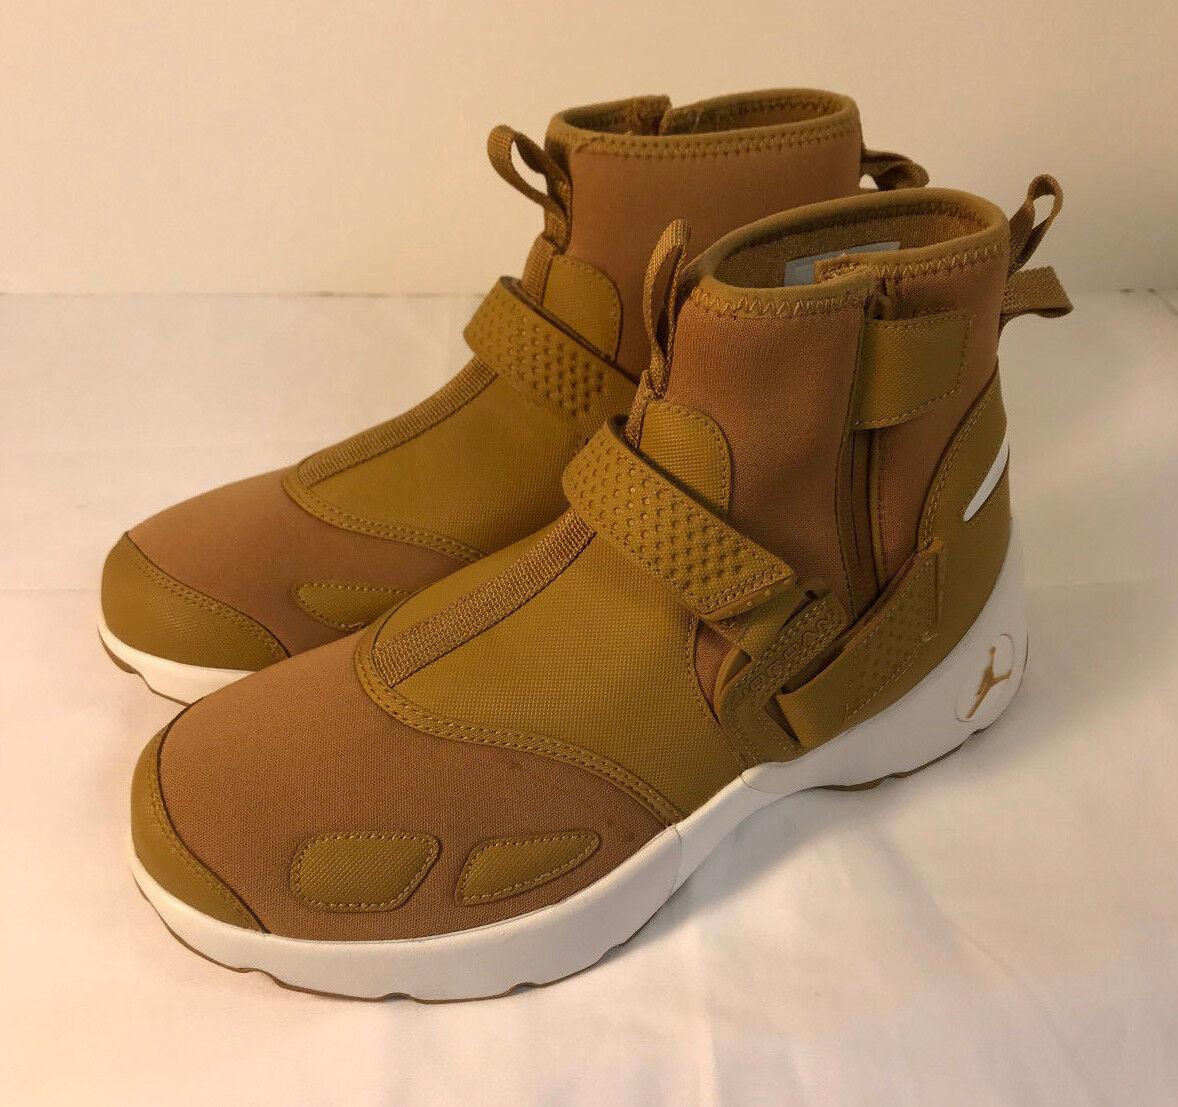 Nike High Air Jordan trunner LX High Nike Oro Harvest zapatos Talla 9 5a2134